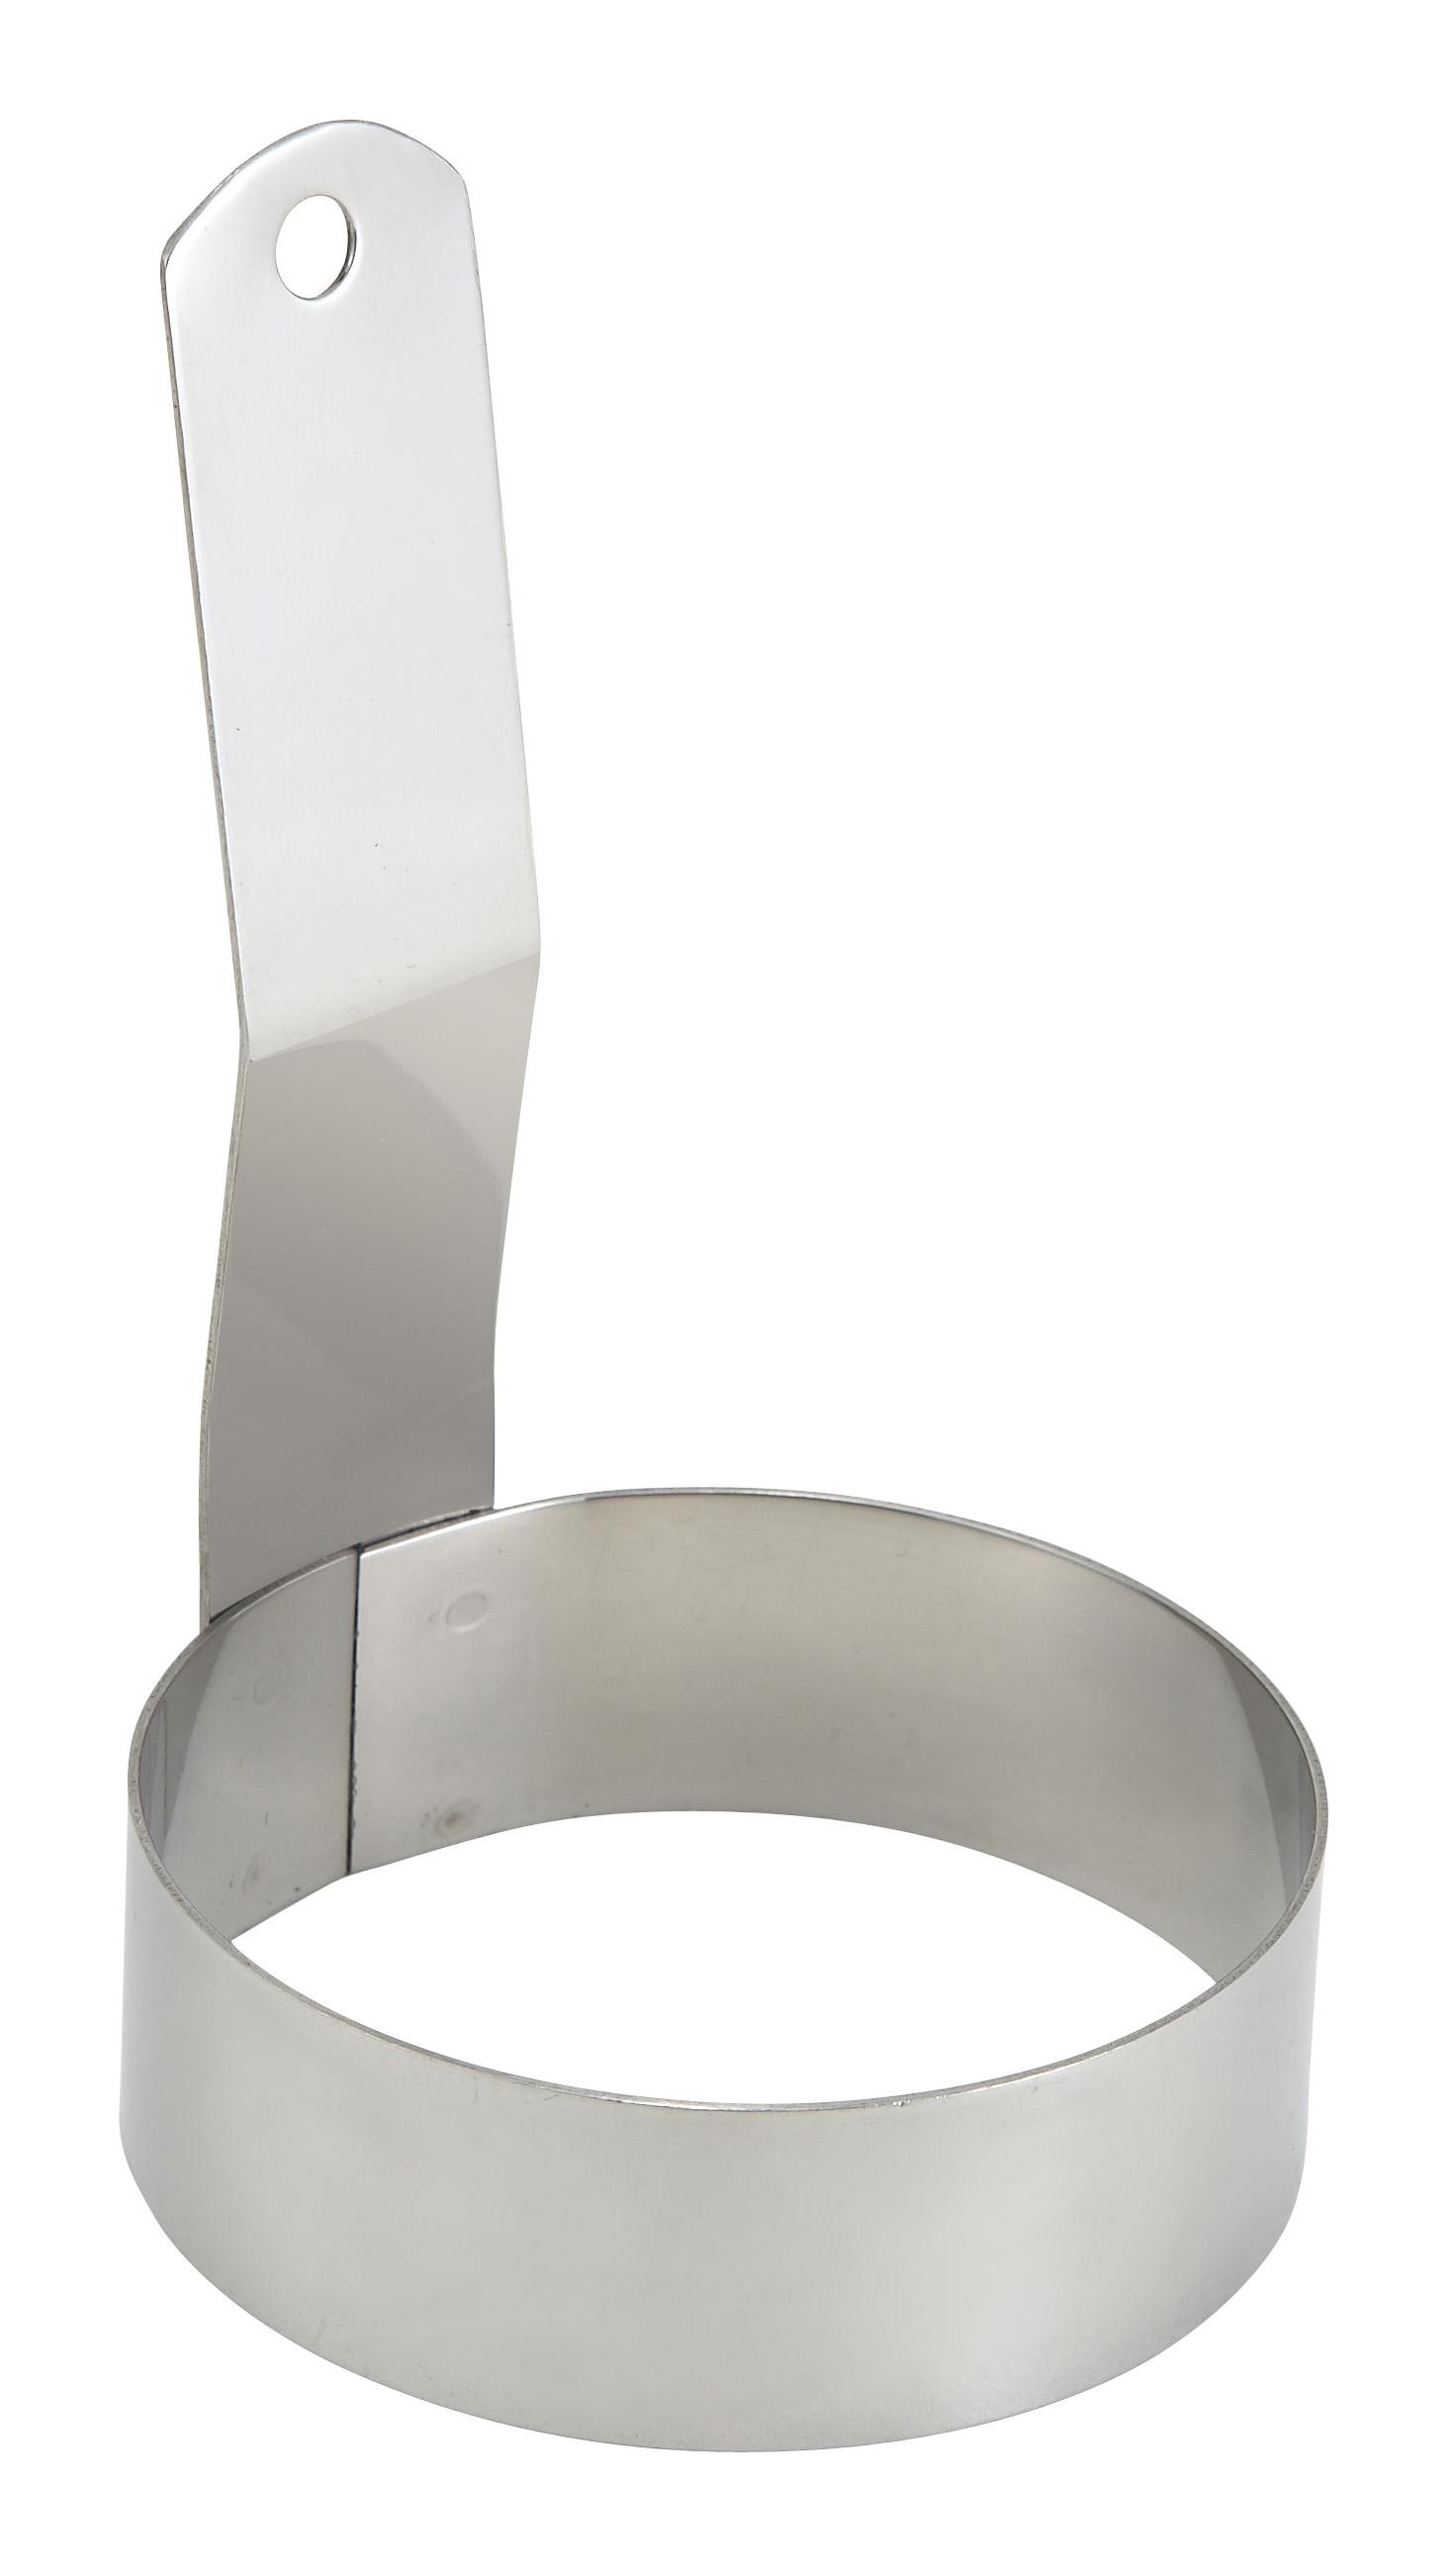 Winco EGR-3 egg rings